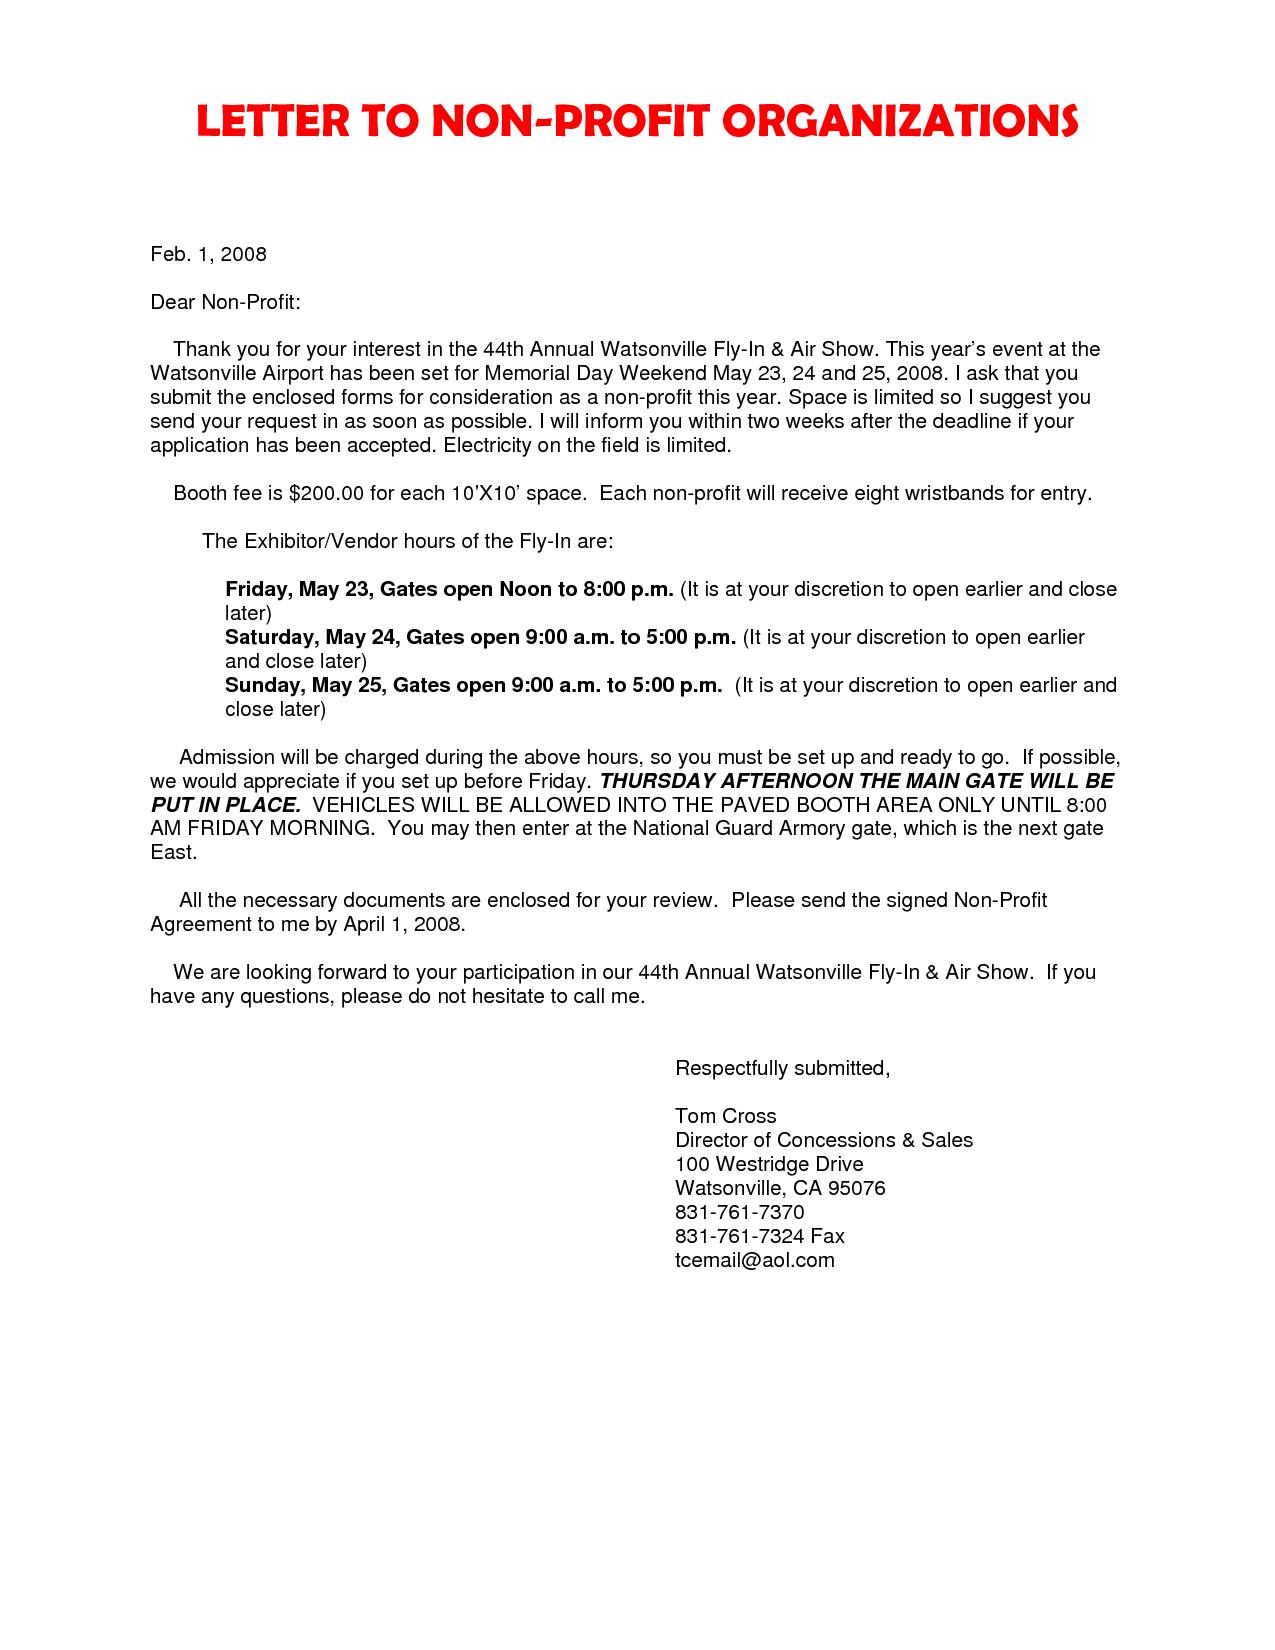 Motivation Letter for Non Profit Organization